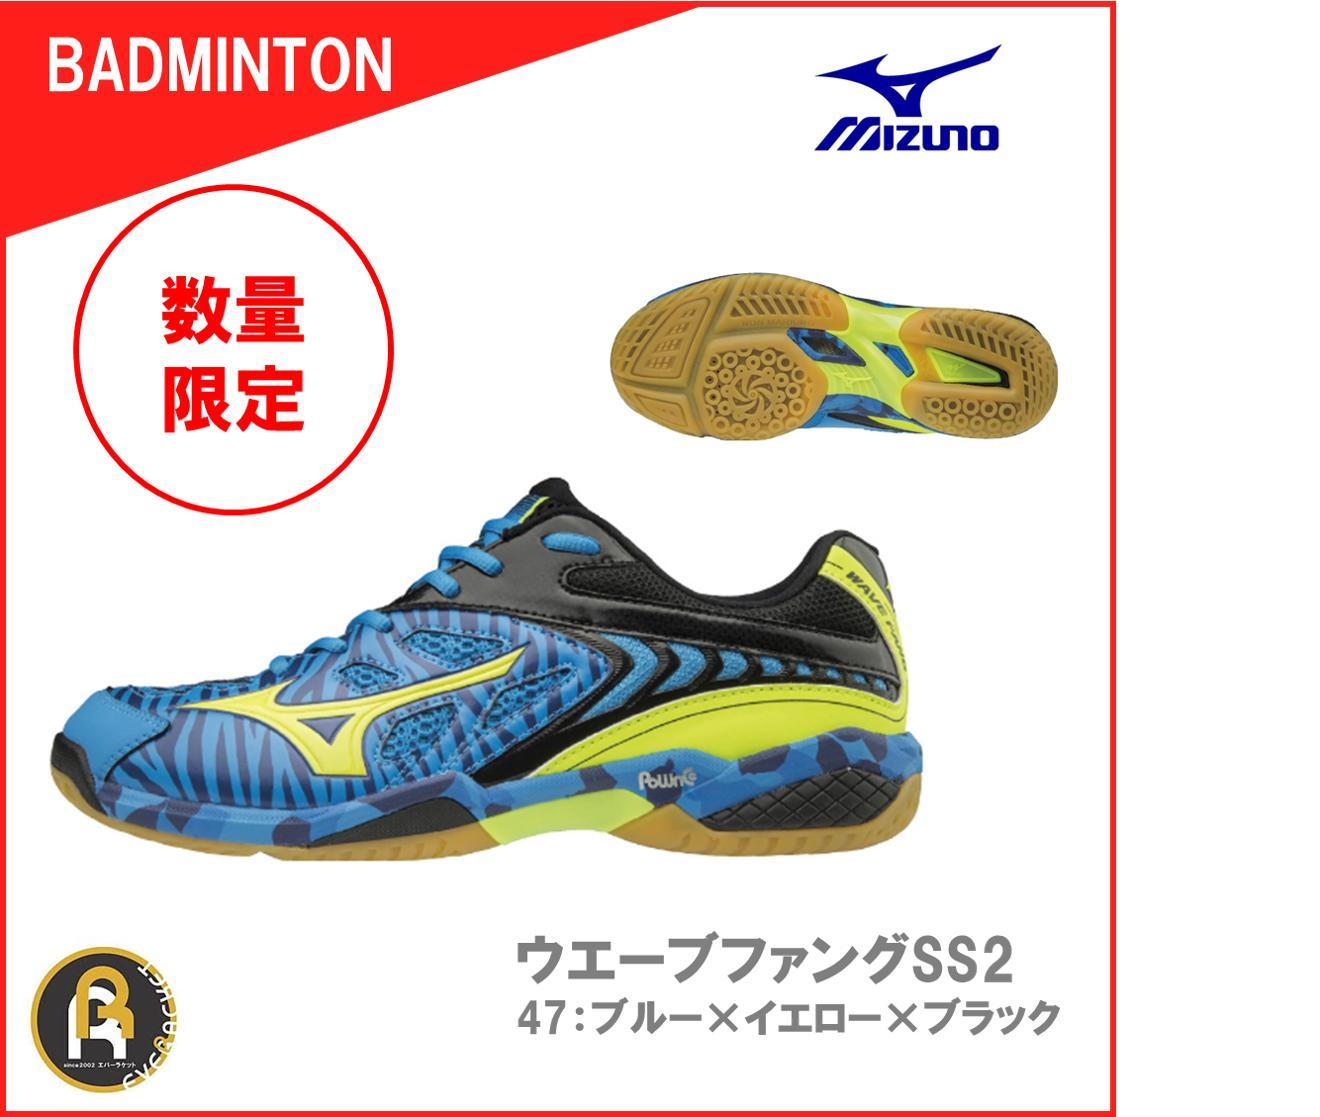 バドミントンシューズ 3E WAVE FANG SS2 靴 Mizuno ミズノ くつ/71GA1710 ウエーブファングSS2 男女兼用 バドミントン用品 メンズ レディース